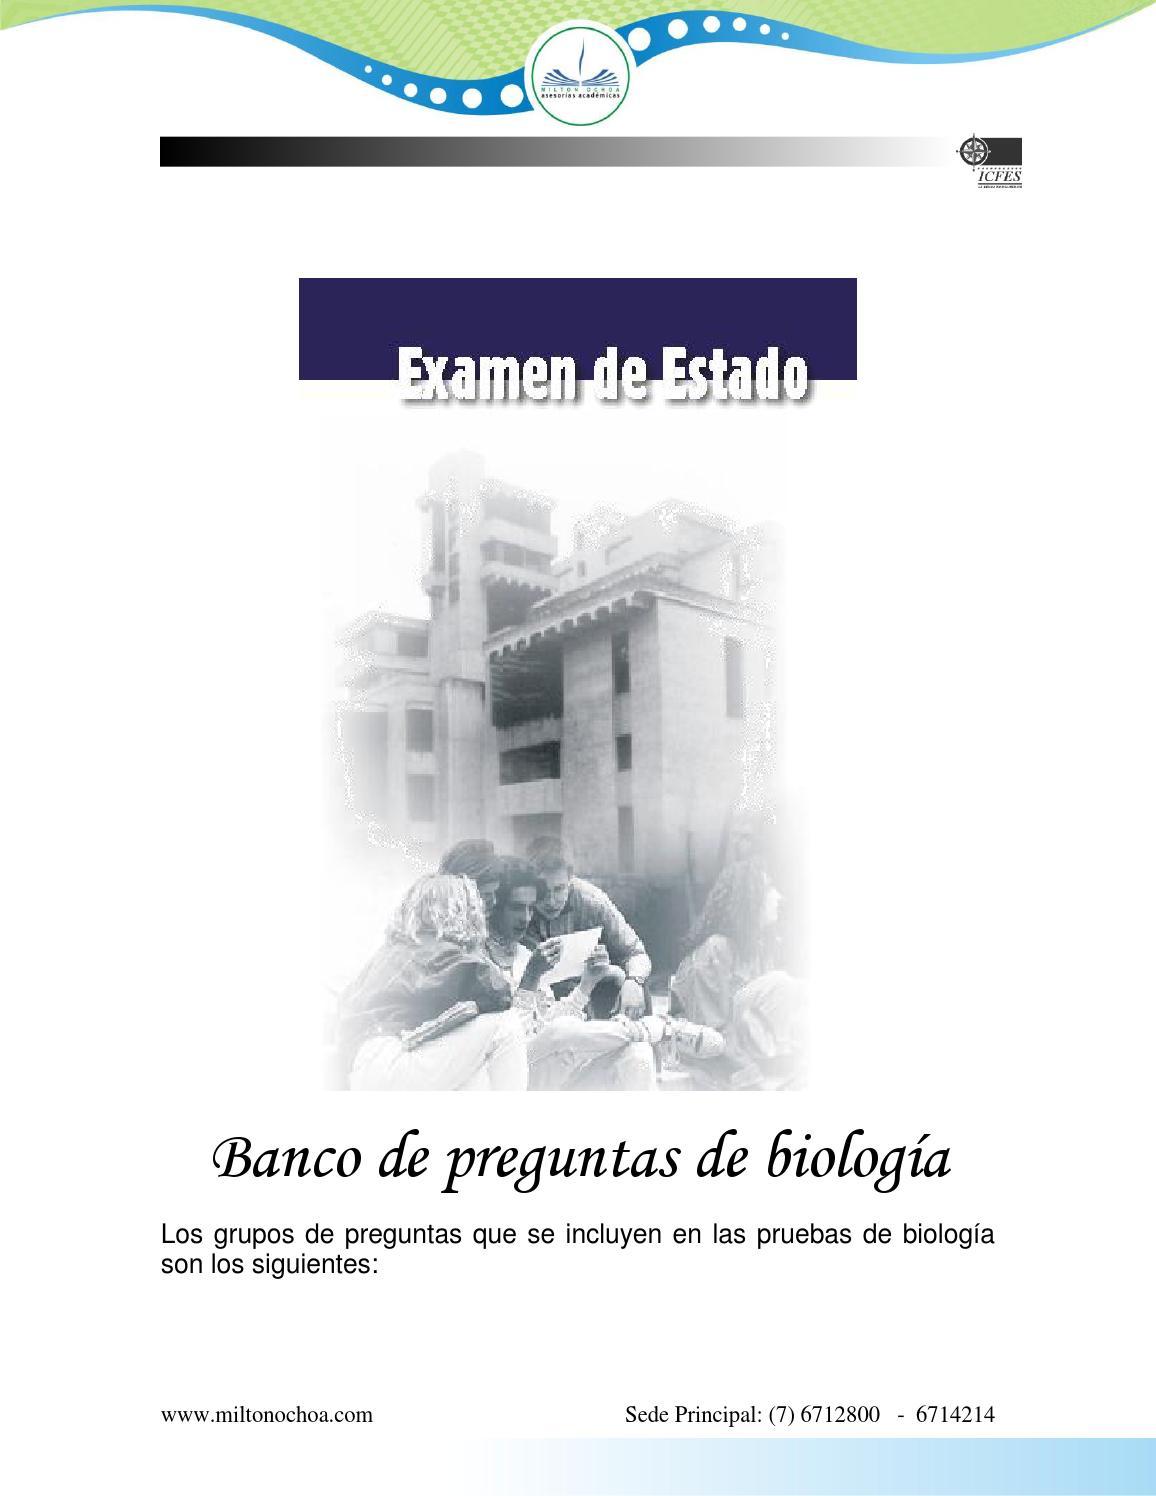 Biologia simulacro icfes by ANTONIO - issuu